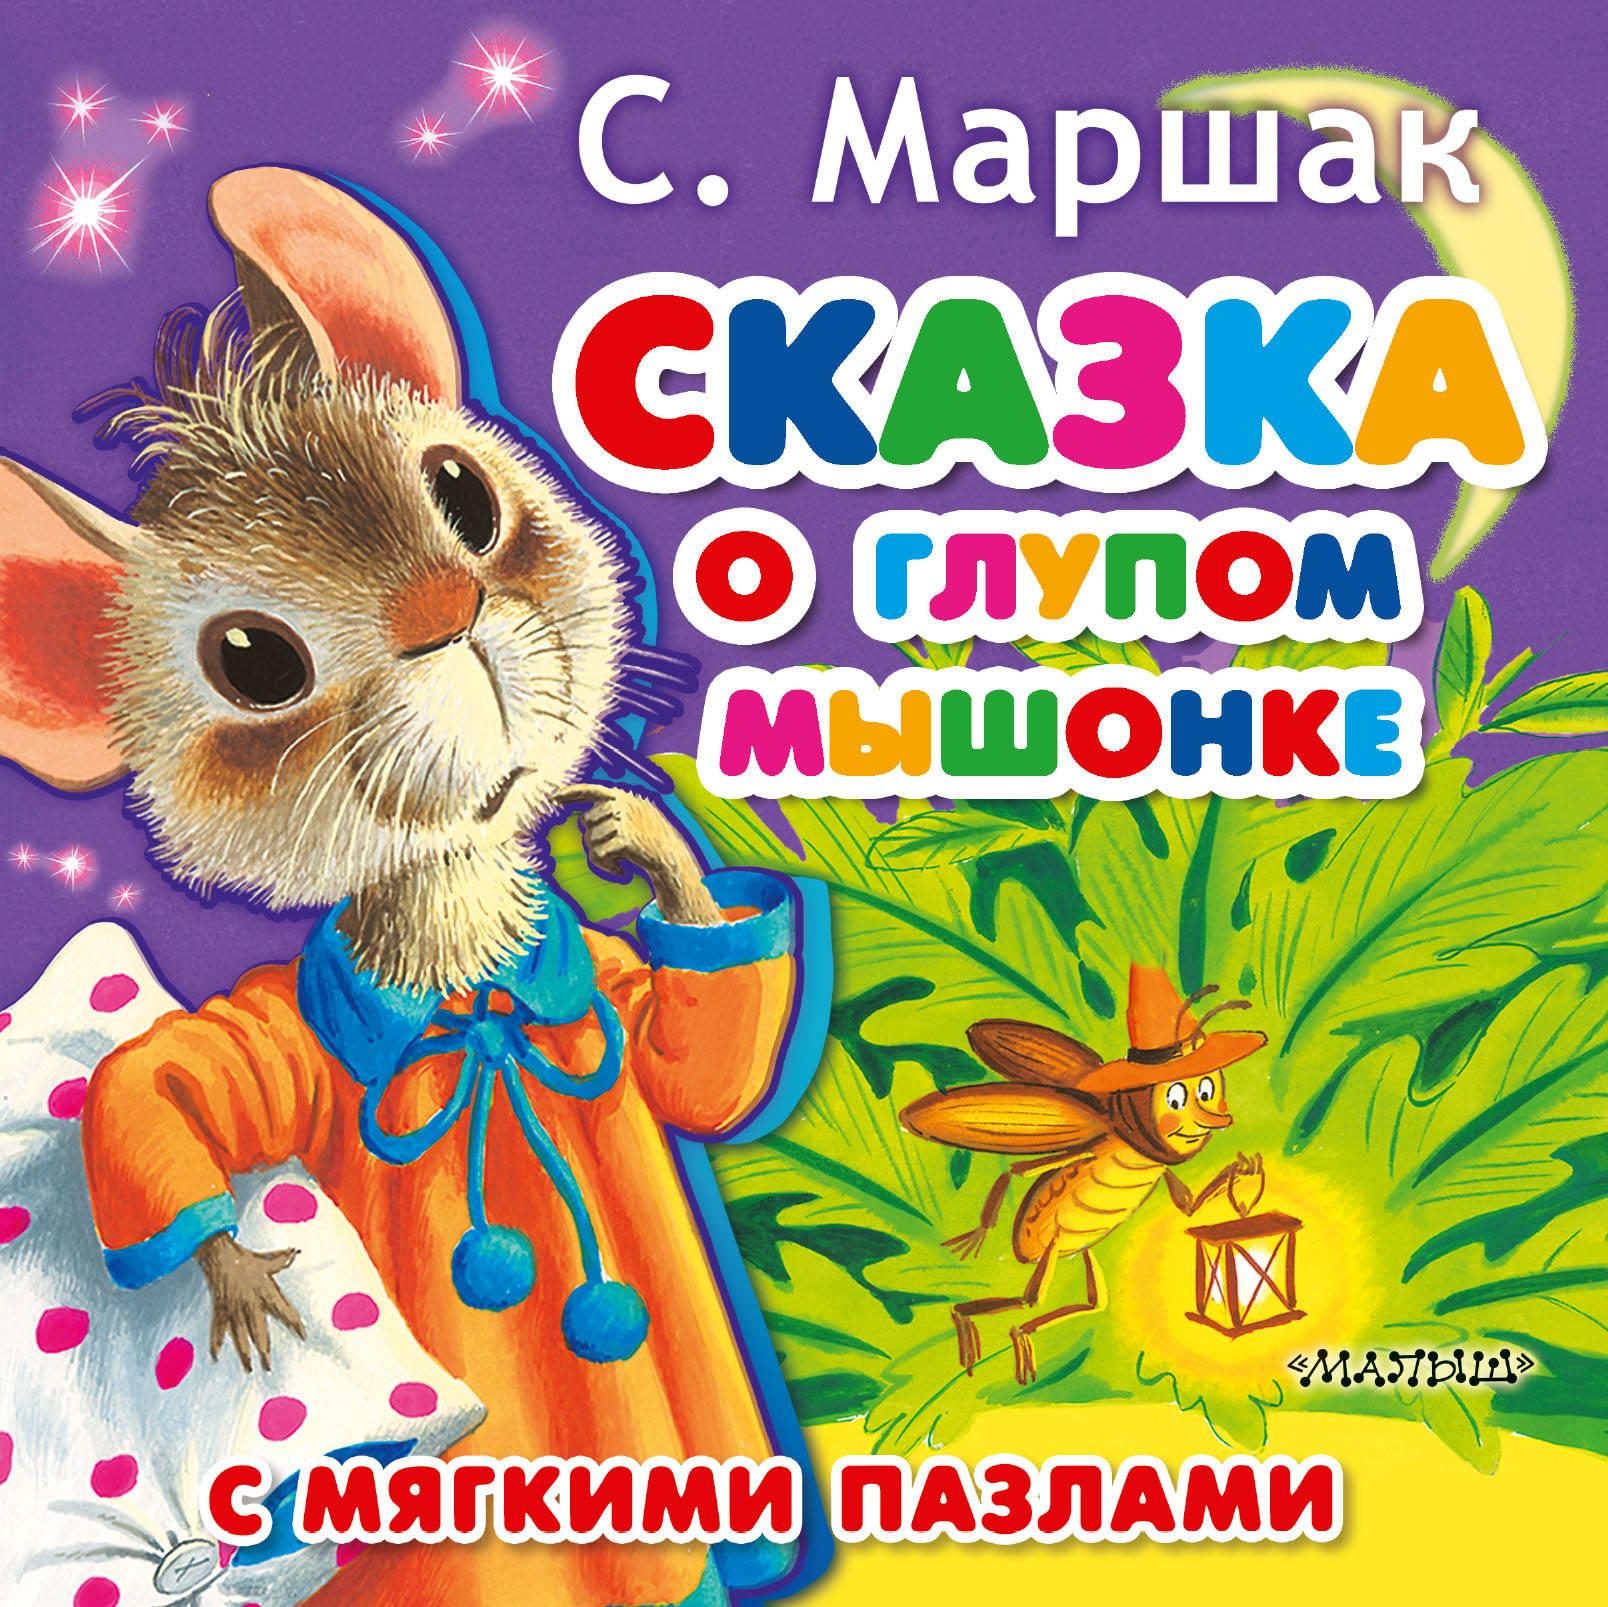 Маршак С.Я. Сказка о глупом мышонке